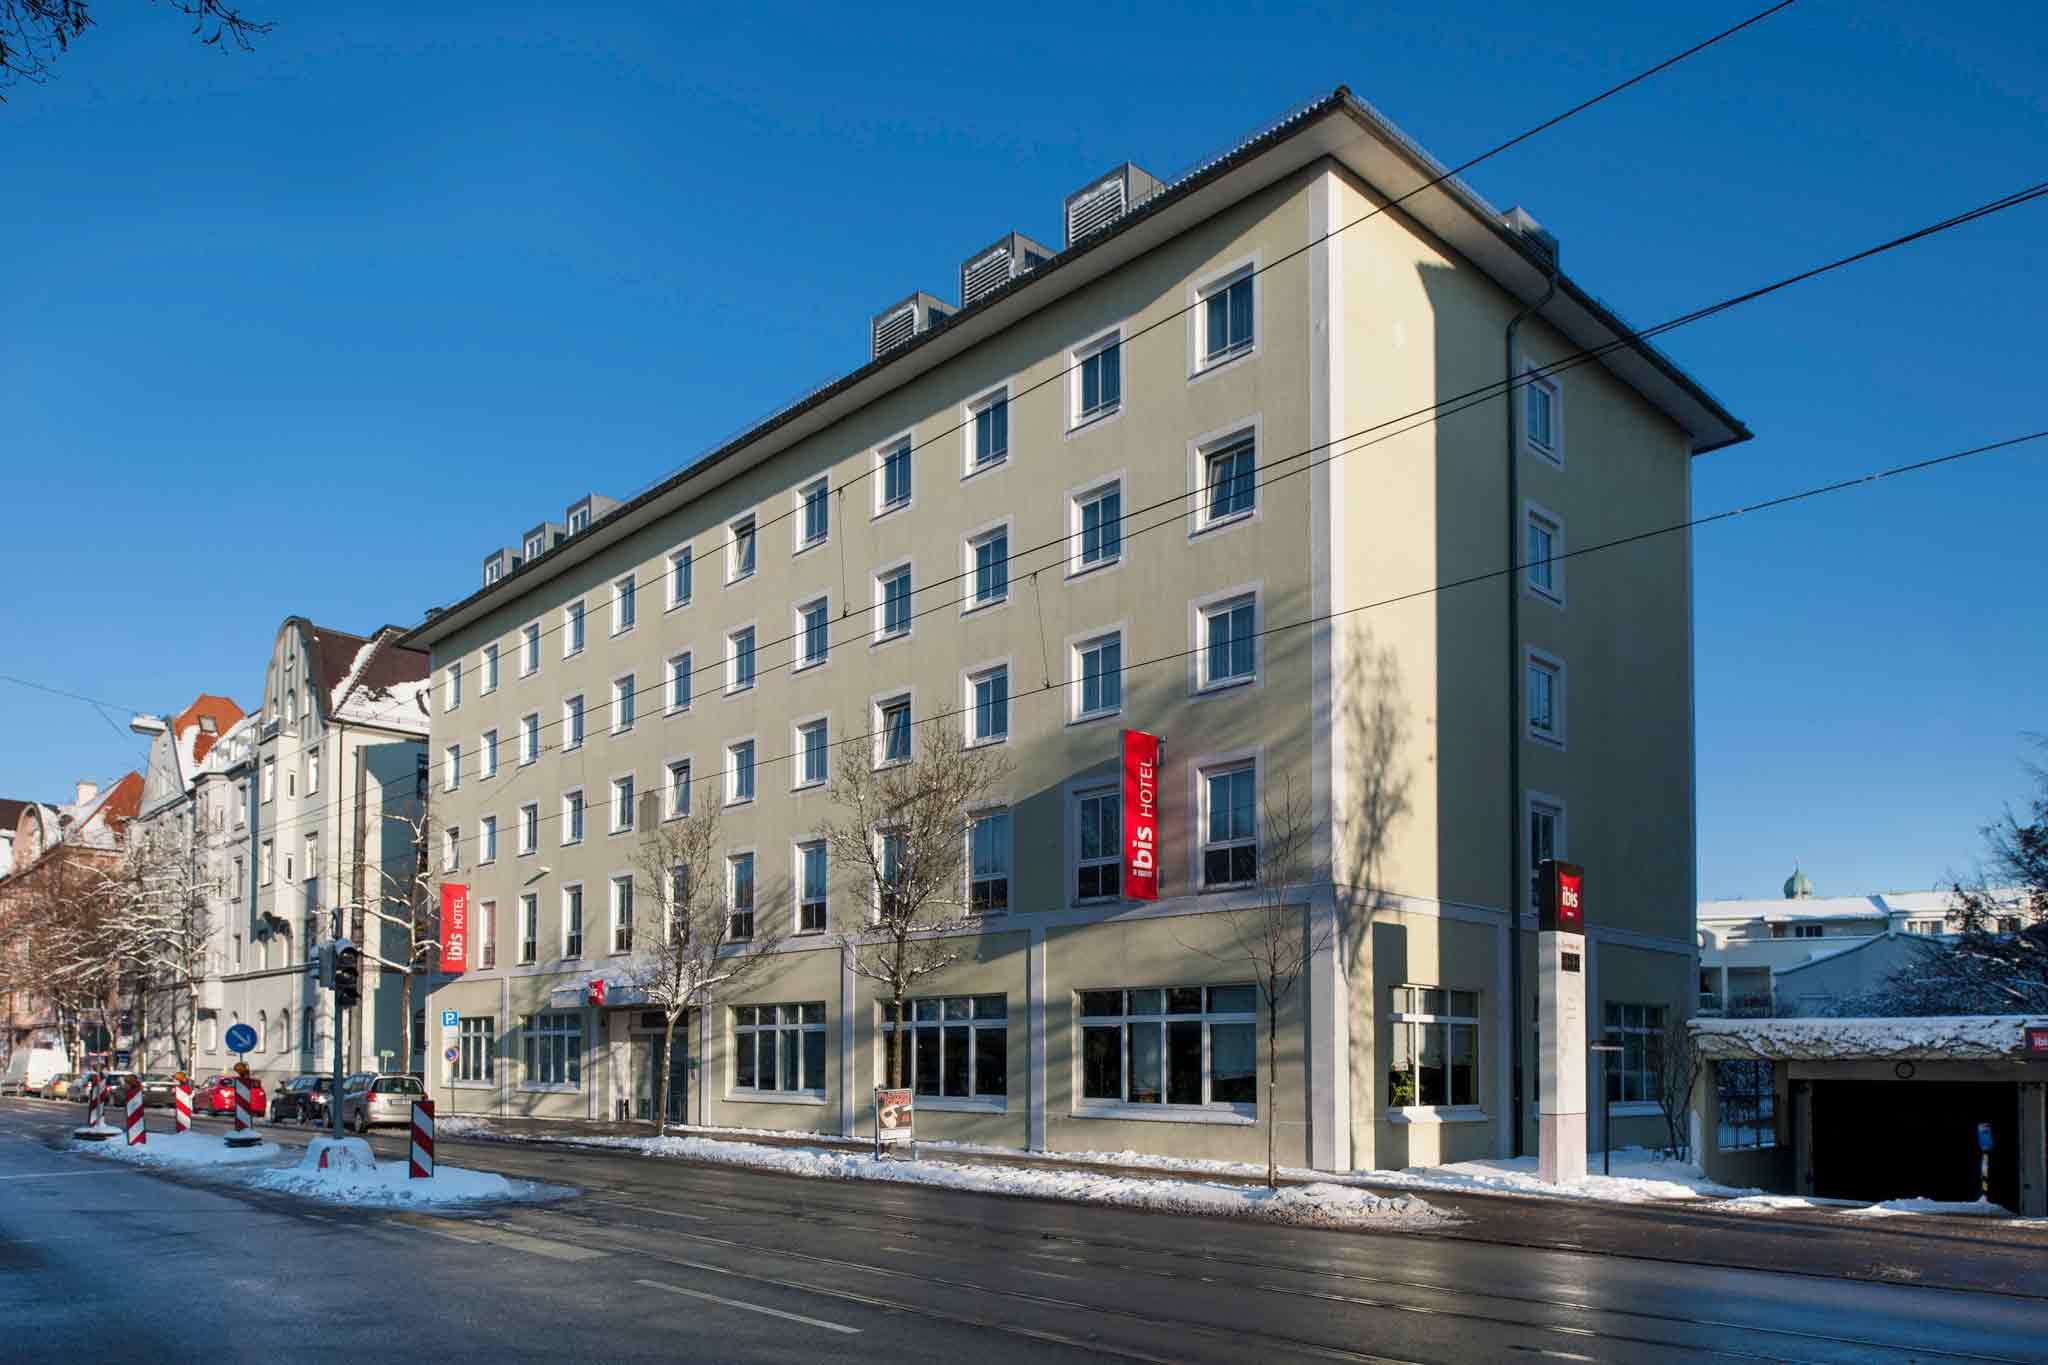 Augsburg Ibis Hotel